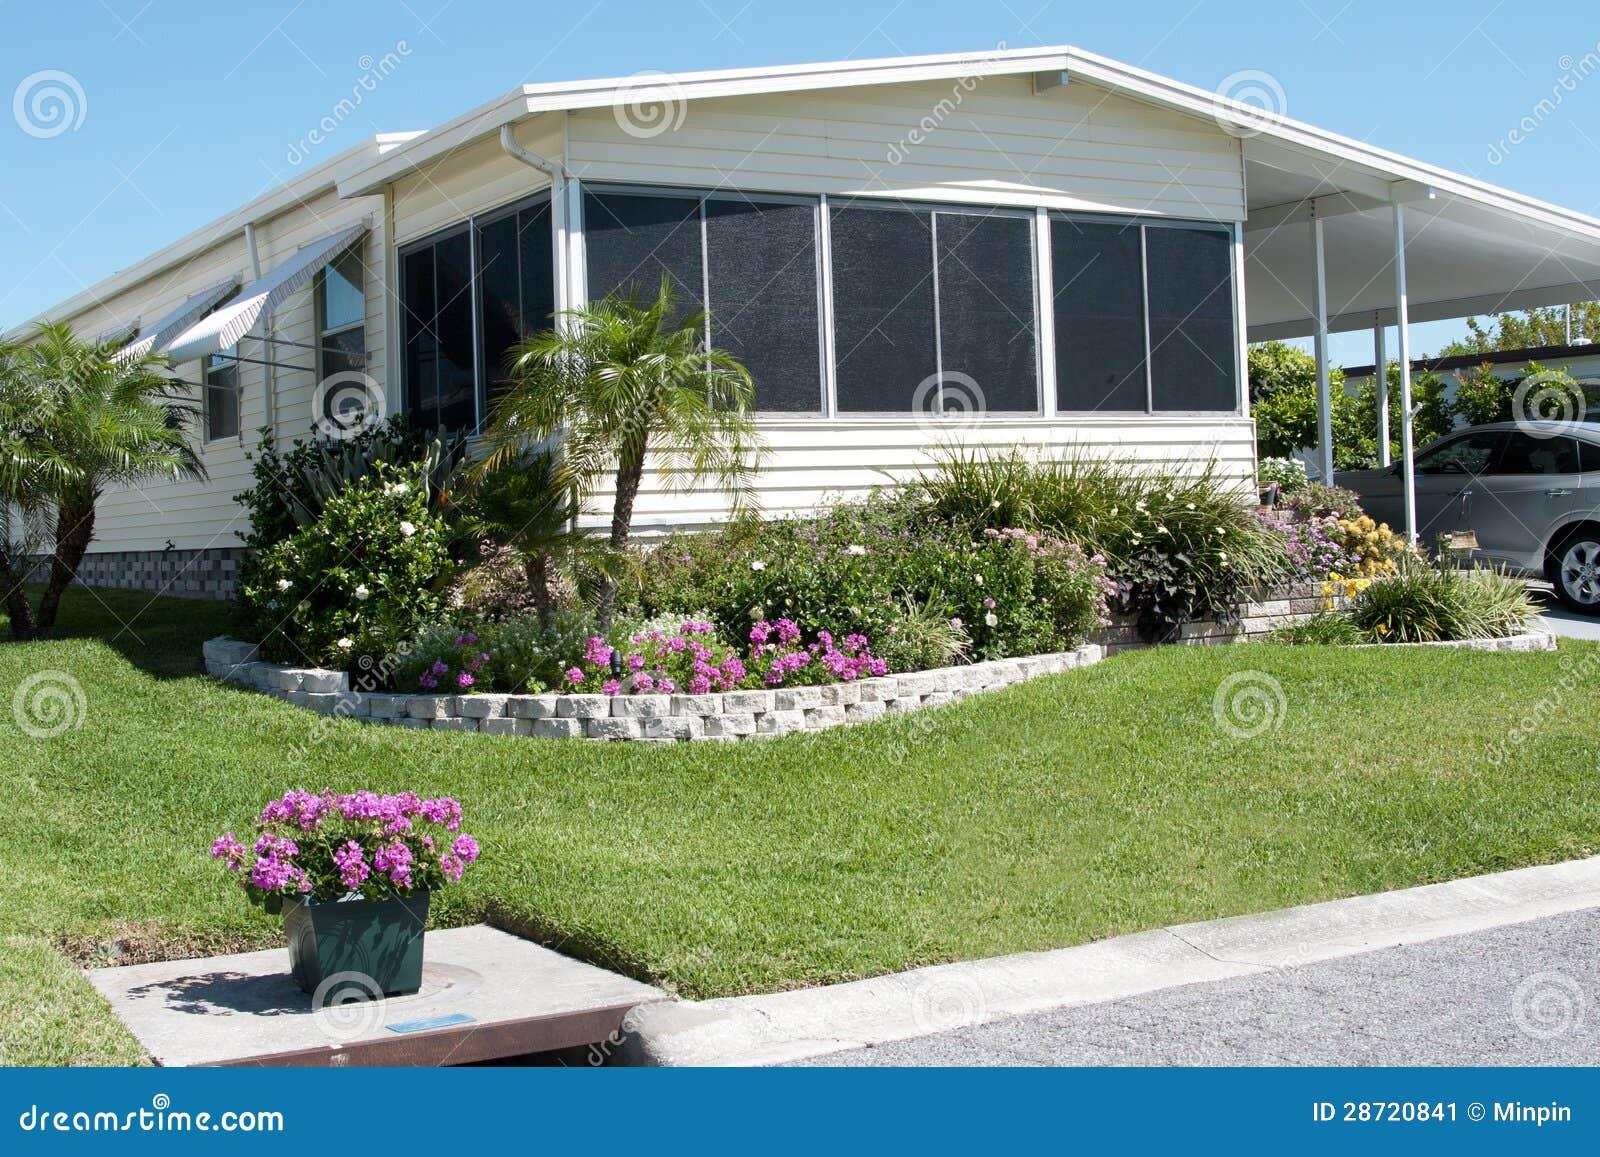 Caravane r sidentielle dans les tropiques image stock image 28720841 - Caravane d architecture ...